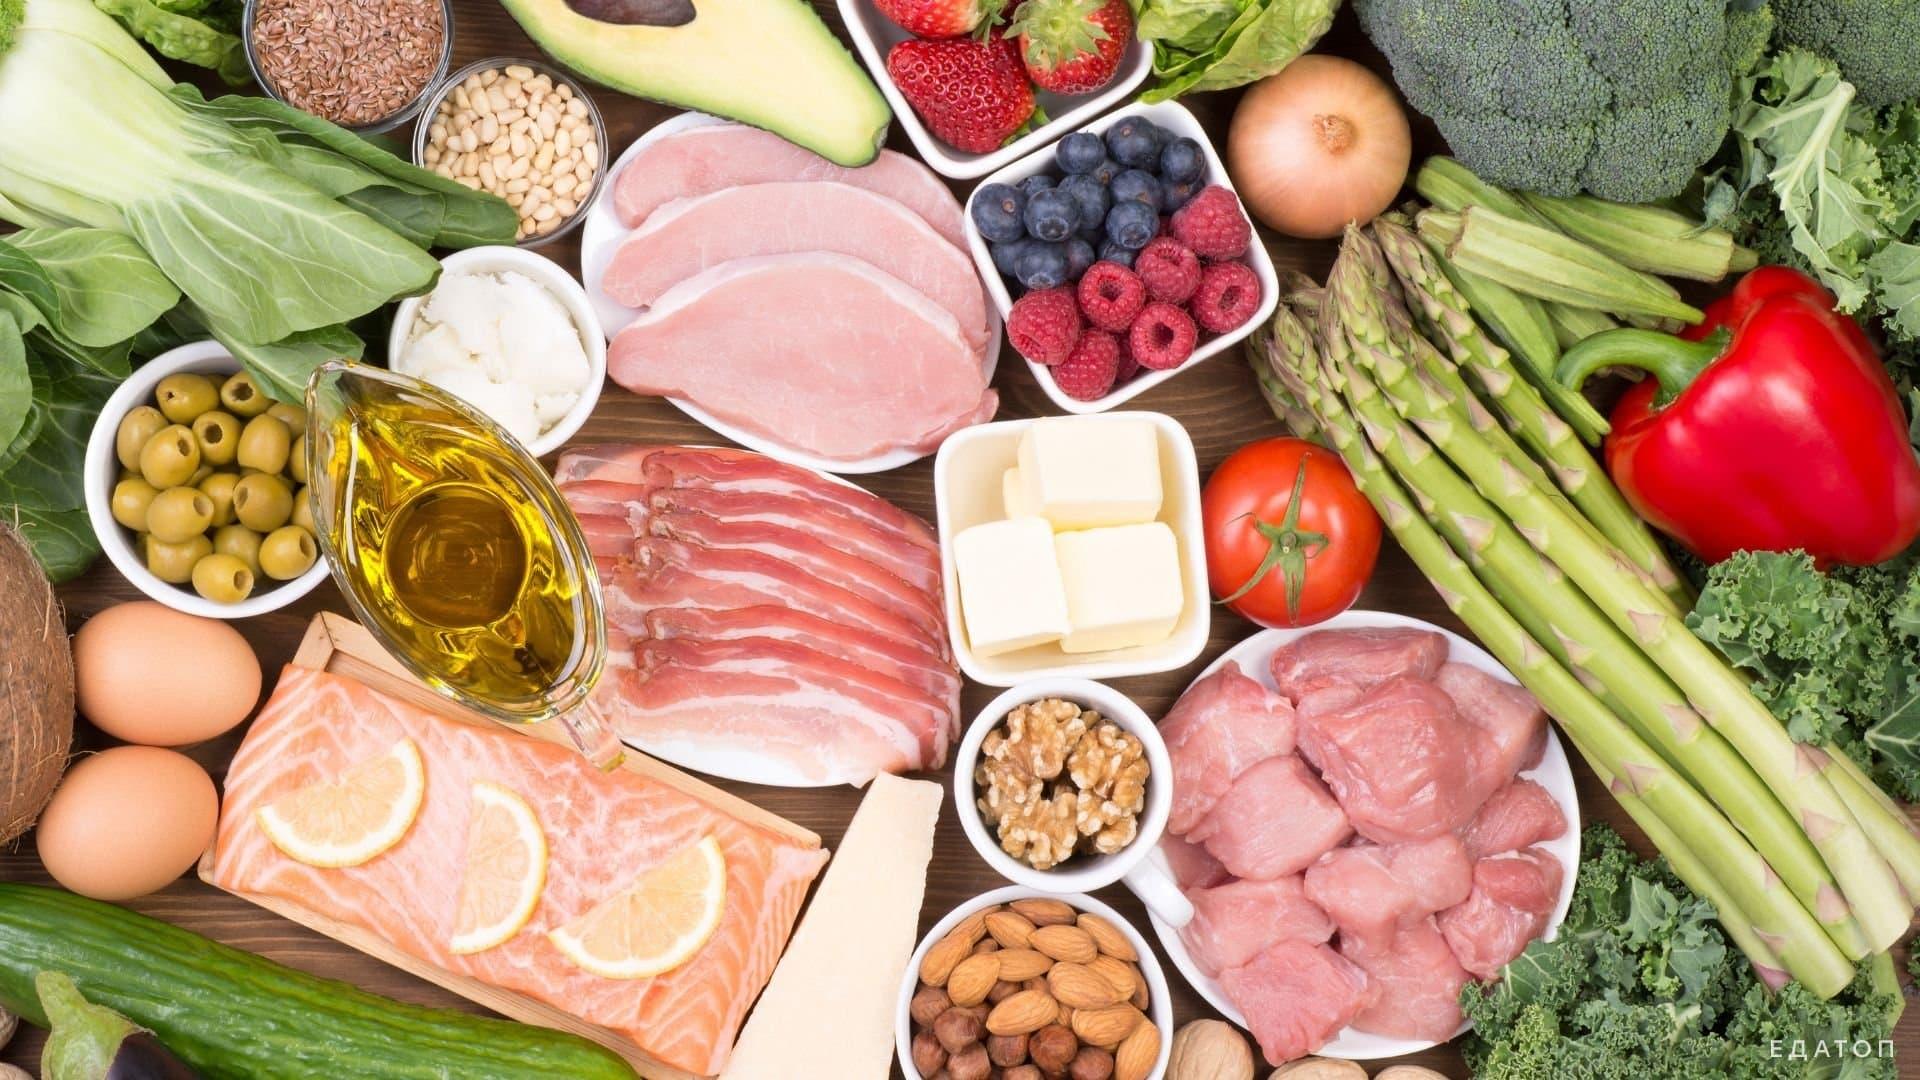 Люди, страдающие заболеваниями печени и с низким АД должны с осторожностью относиться к диете.